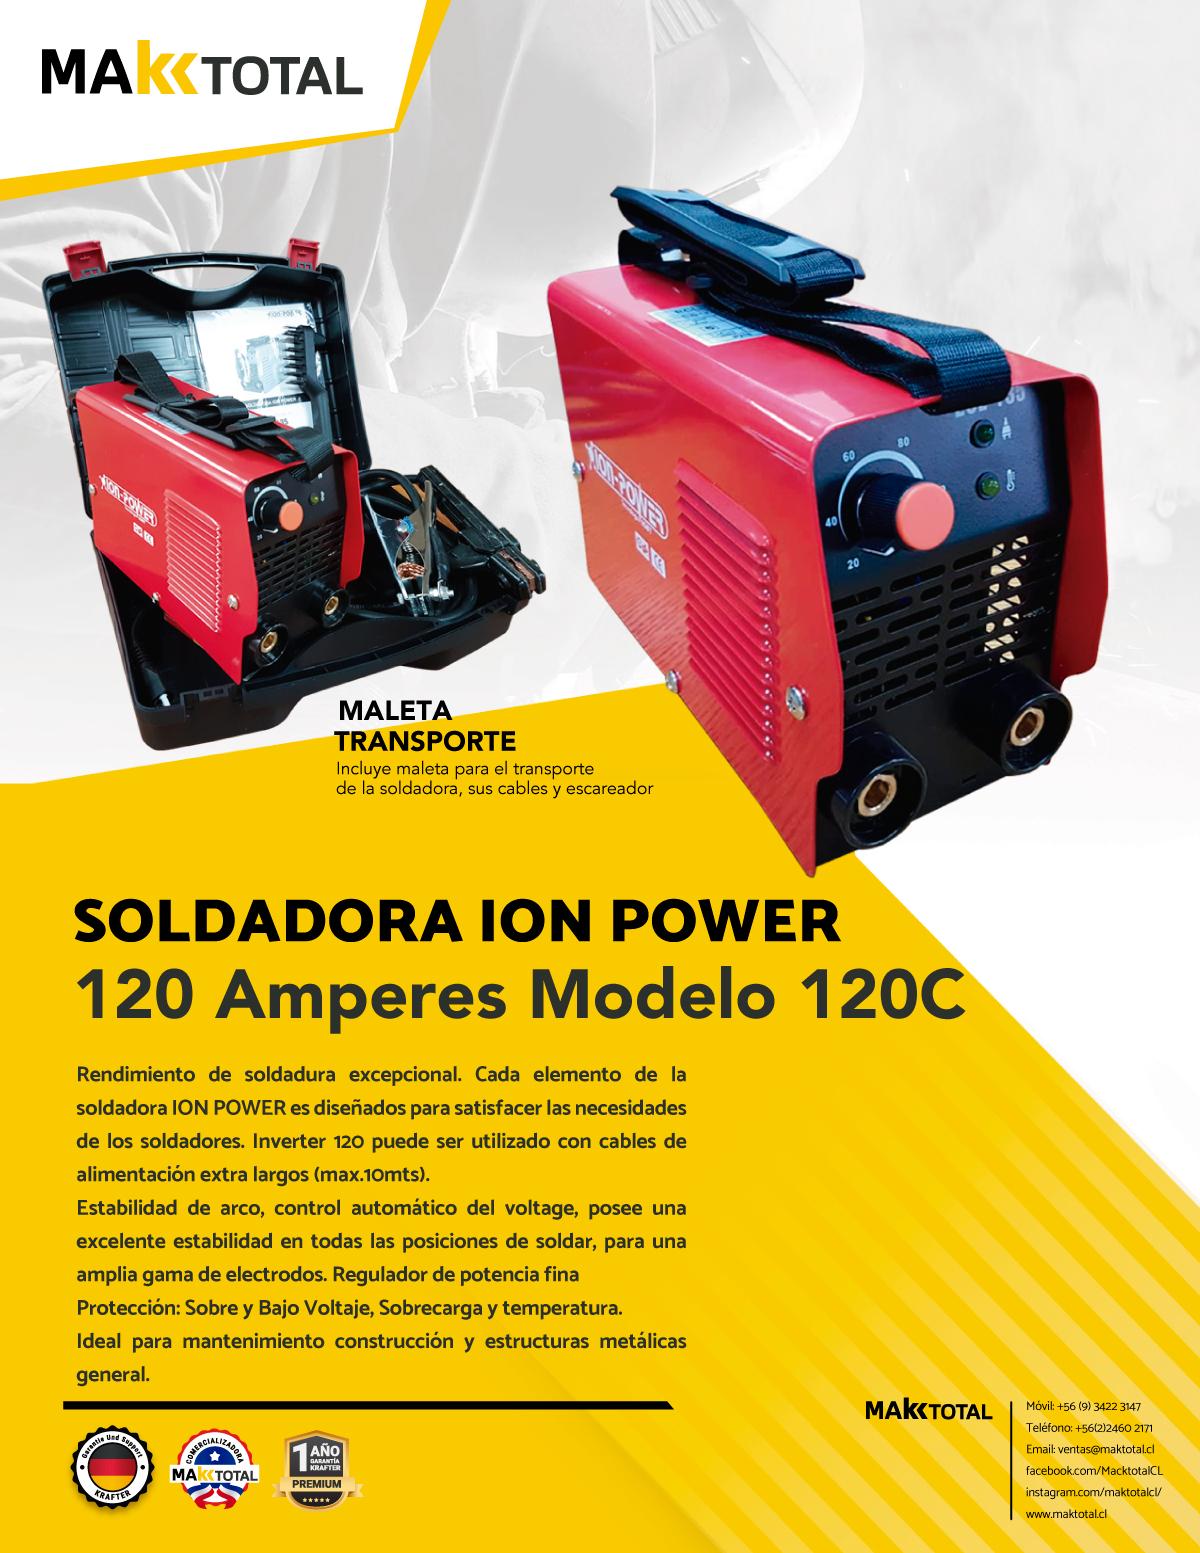 Soldadora 120 amperes ion power